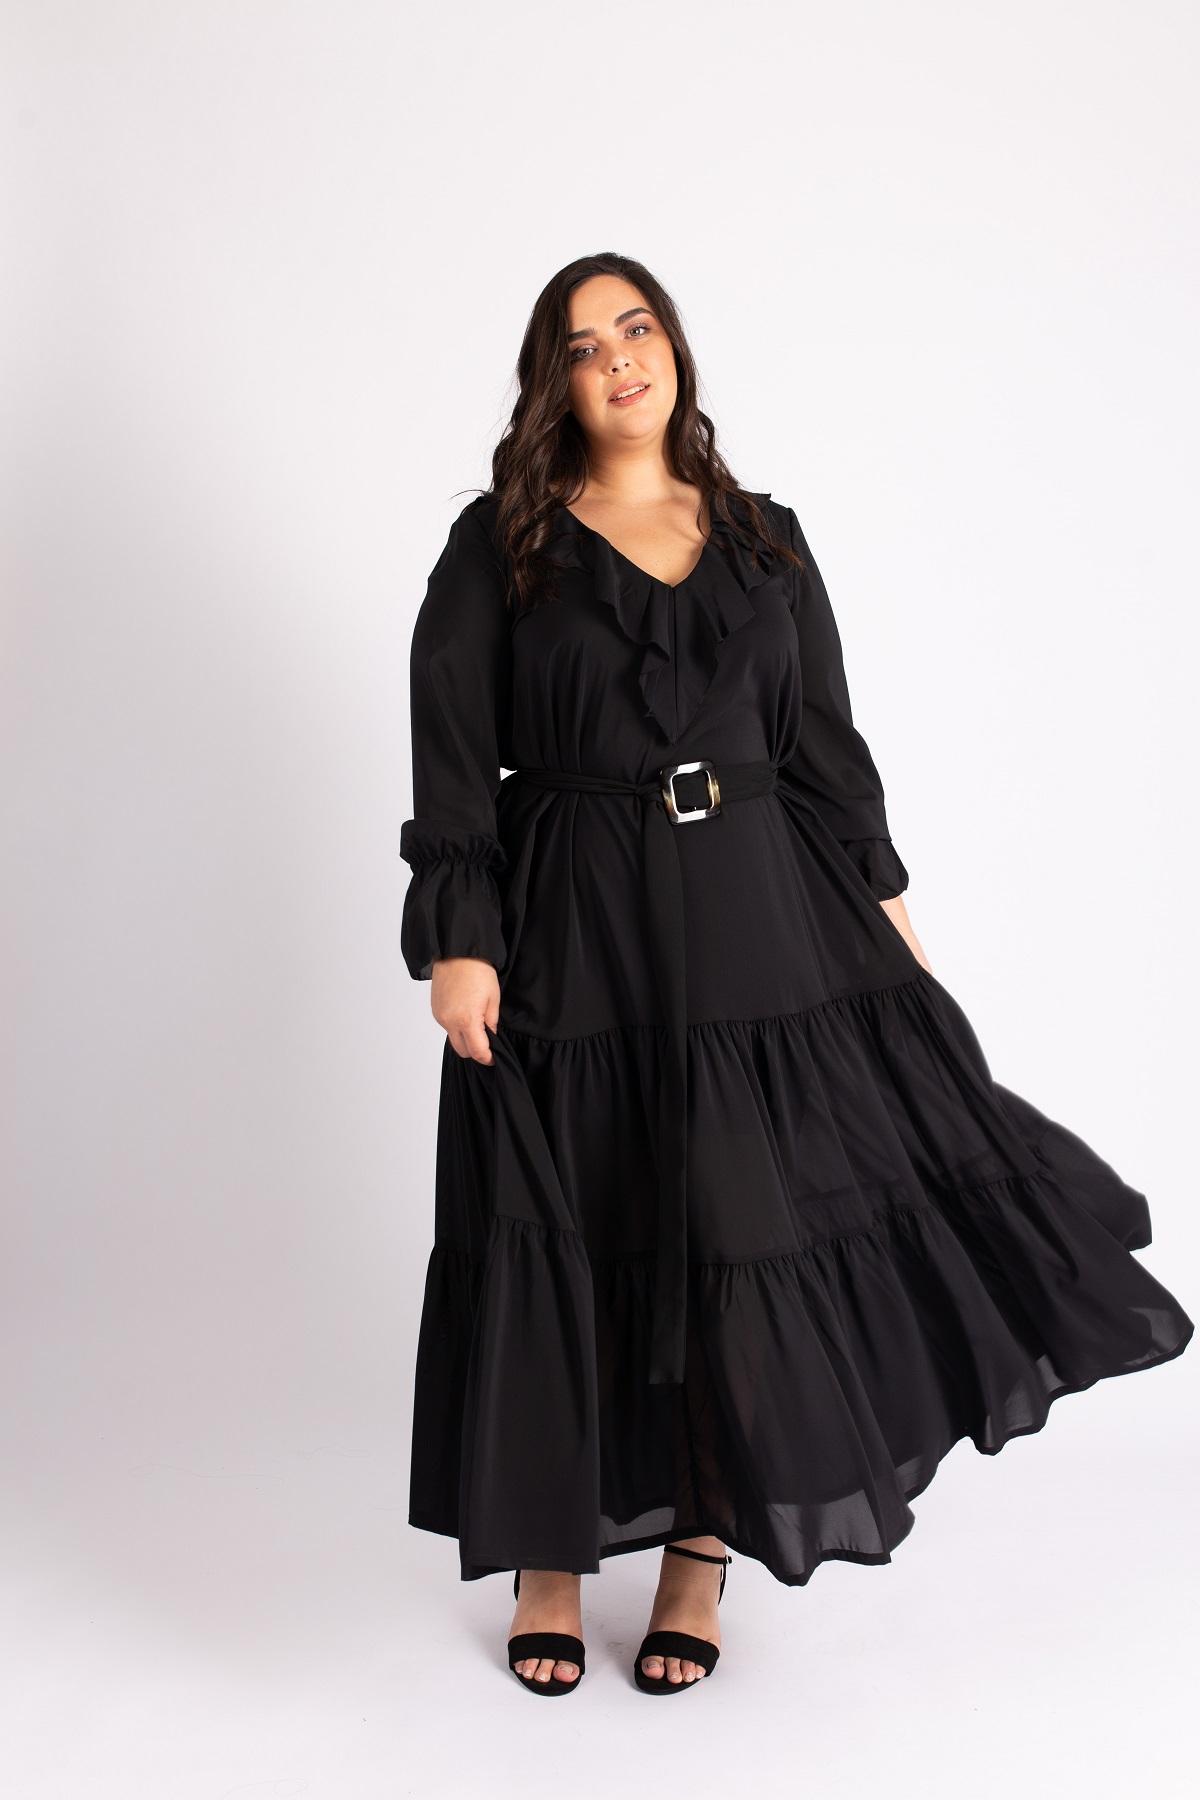 שמלת ג'יין שחורה